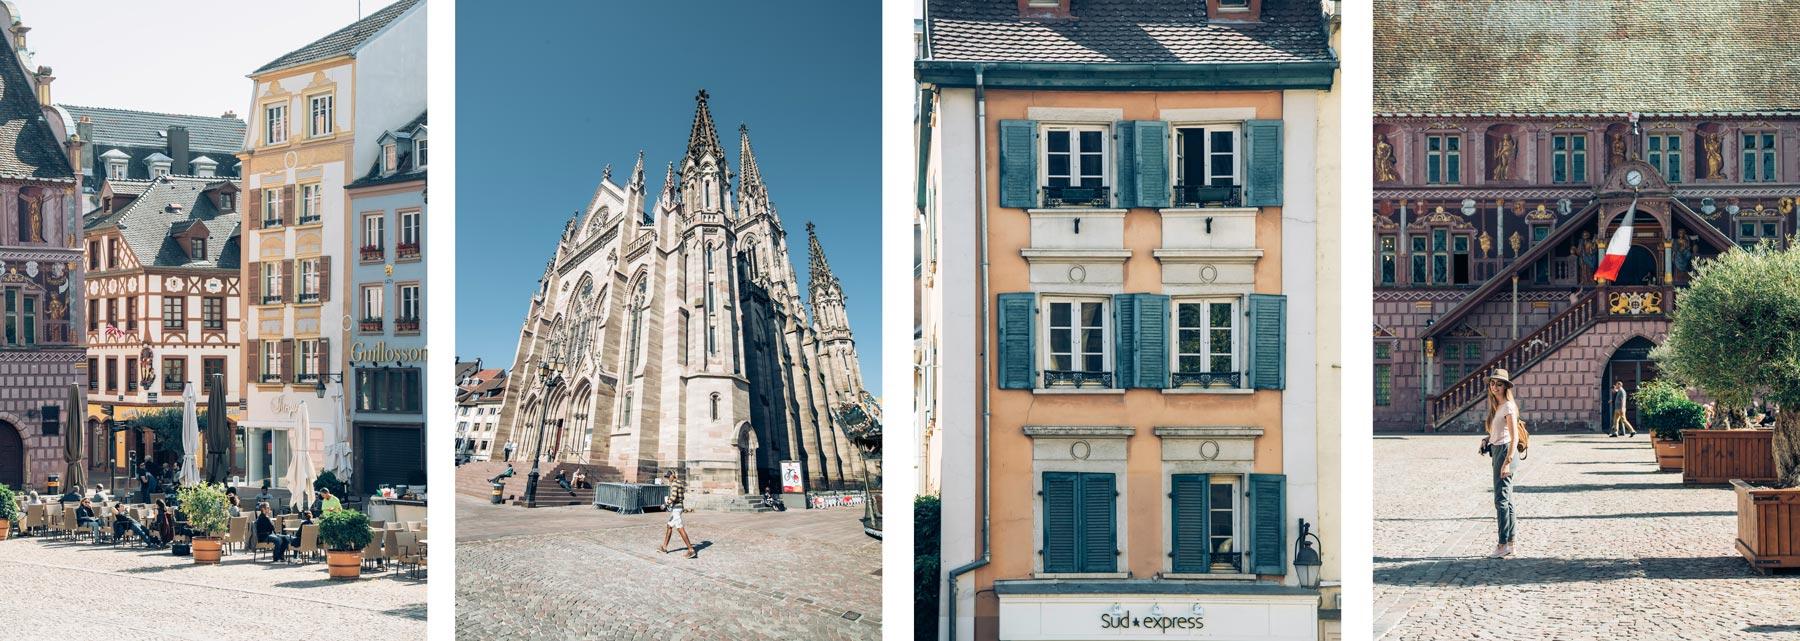 Mulhouse, Alsace